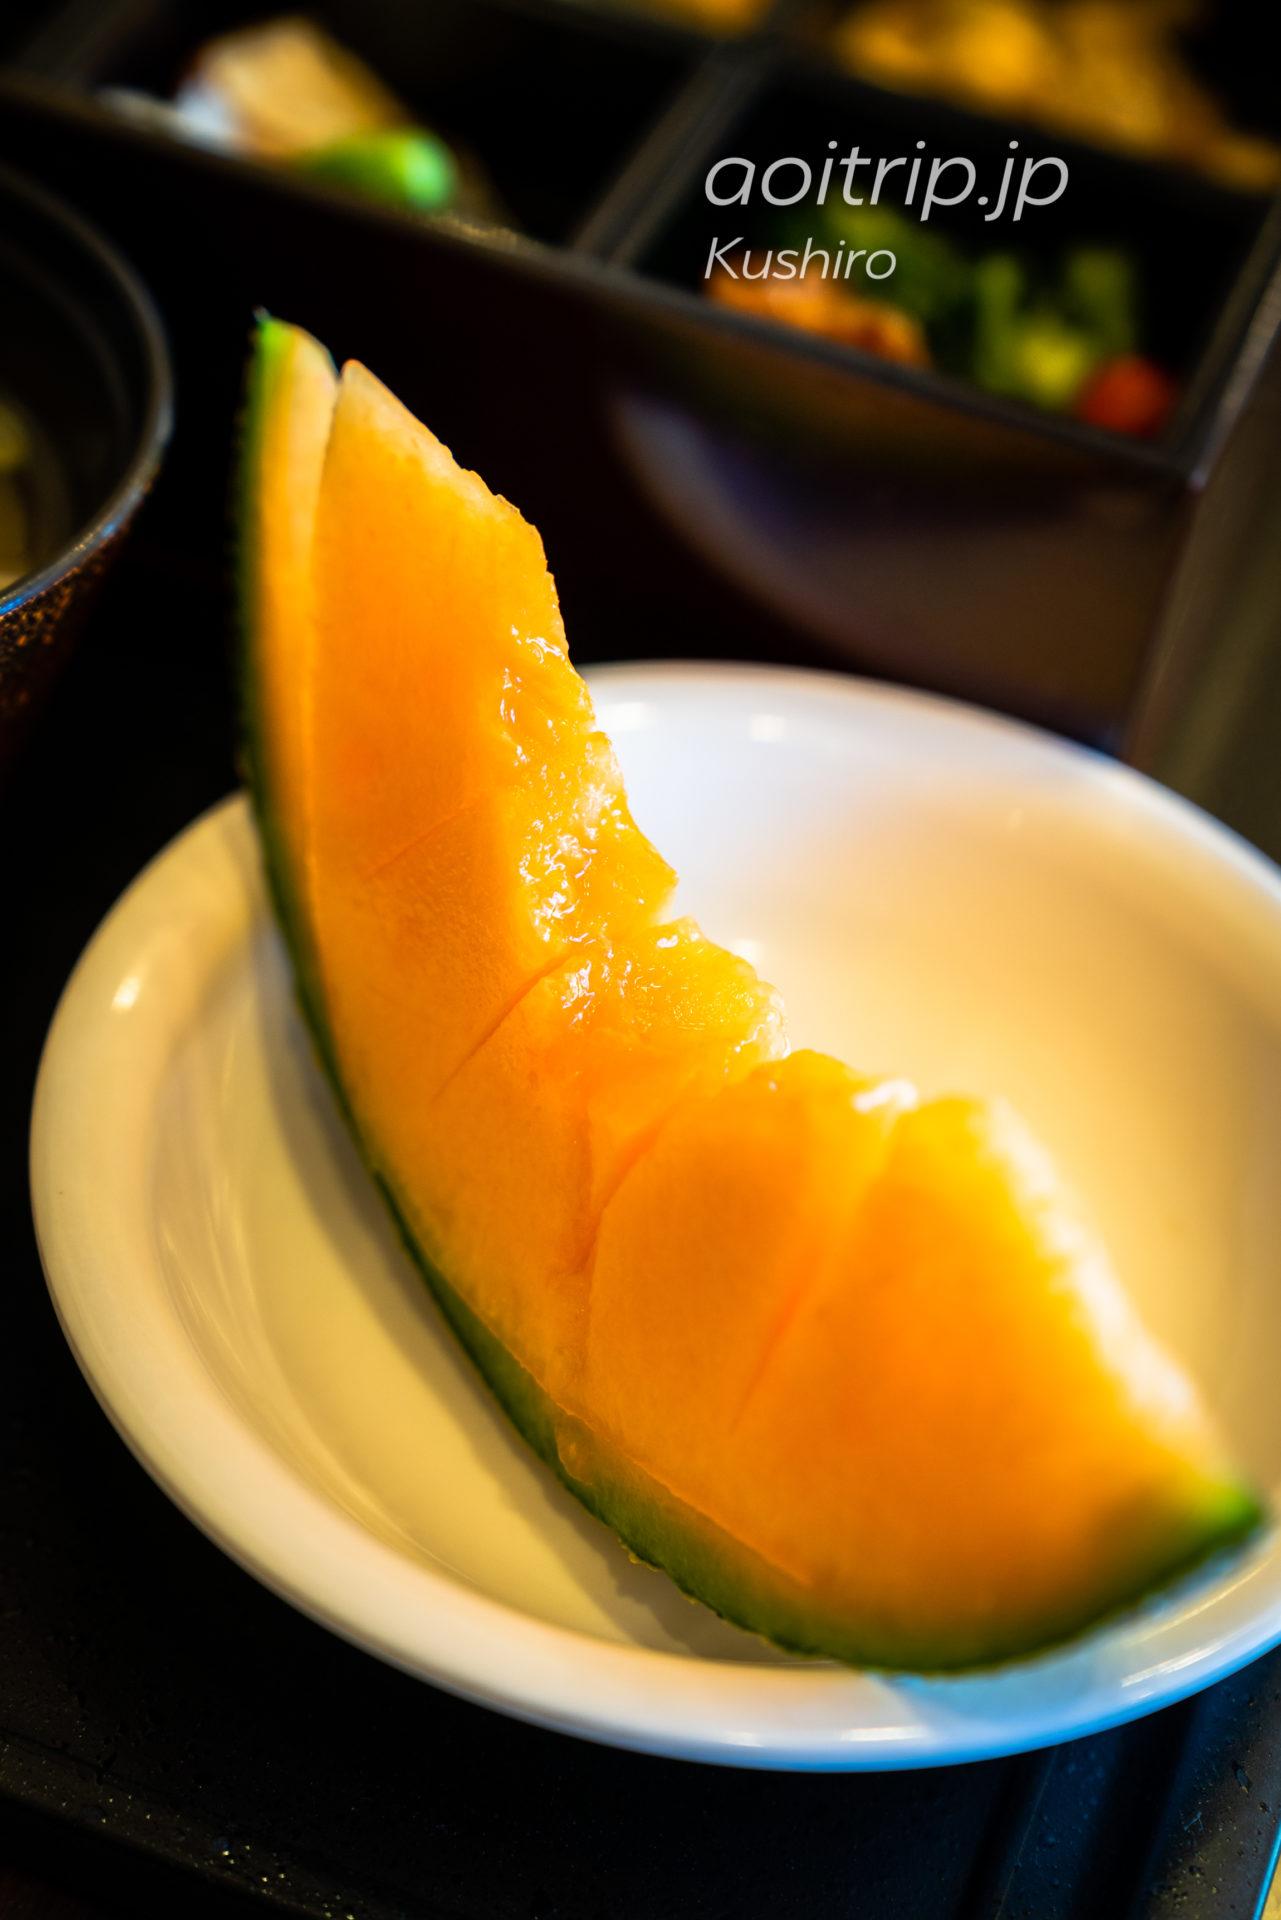 天然温泉 幣舞の湯 ラビスタ釧路川 宿泊記|La Vista Kushirogawa 朝食のメロン